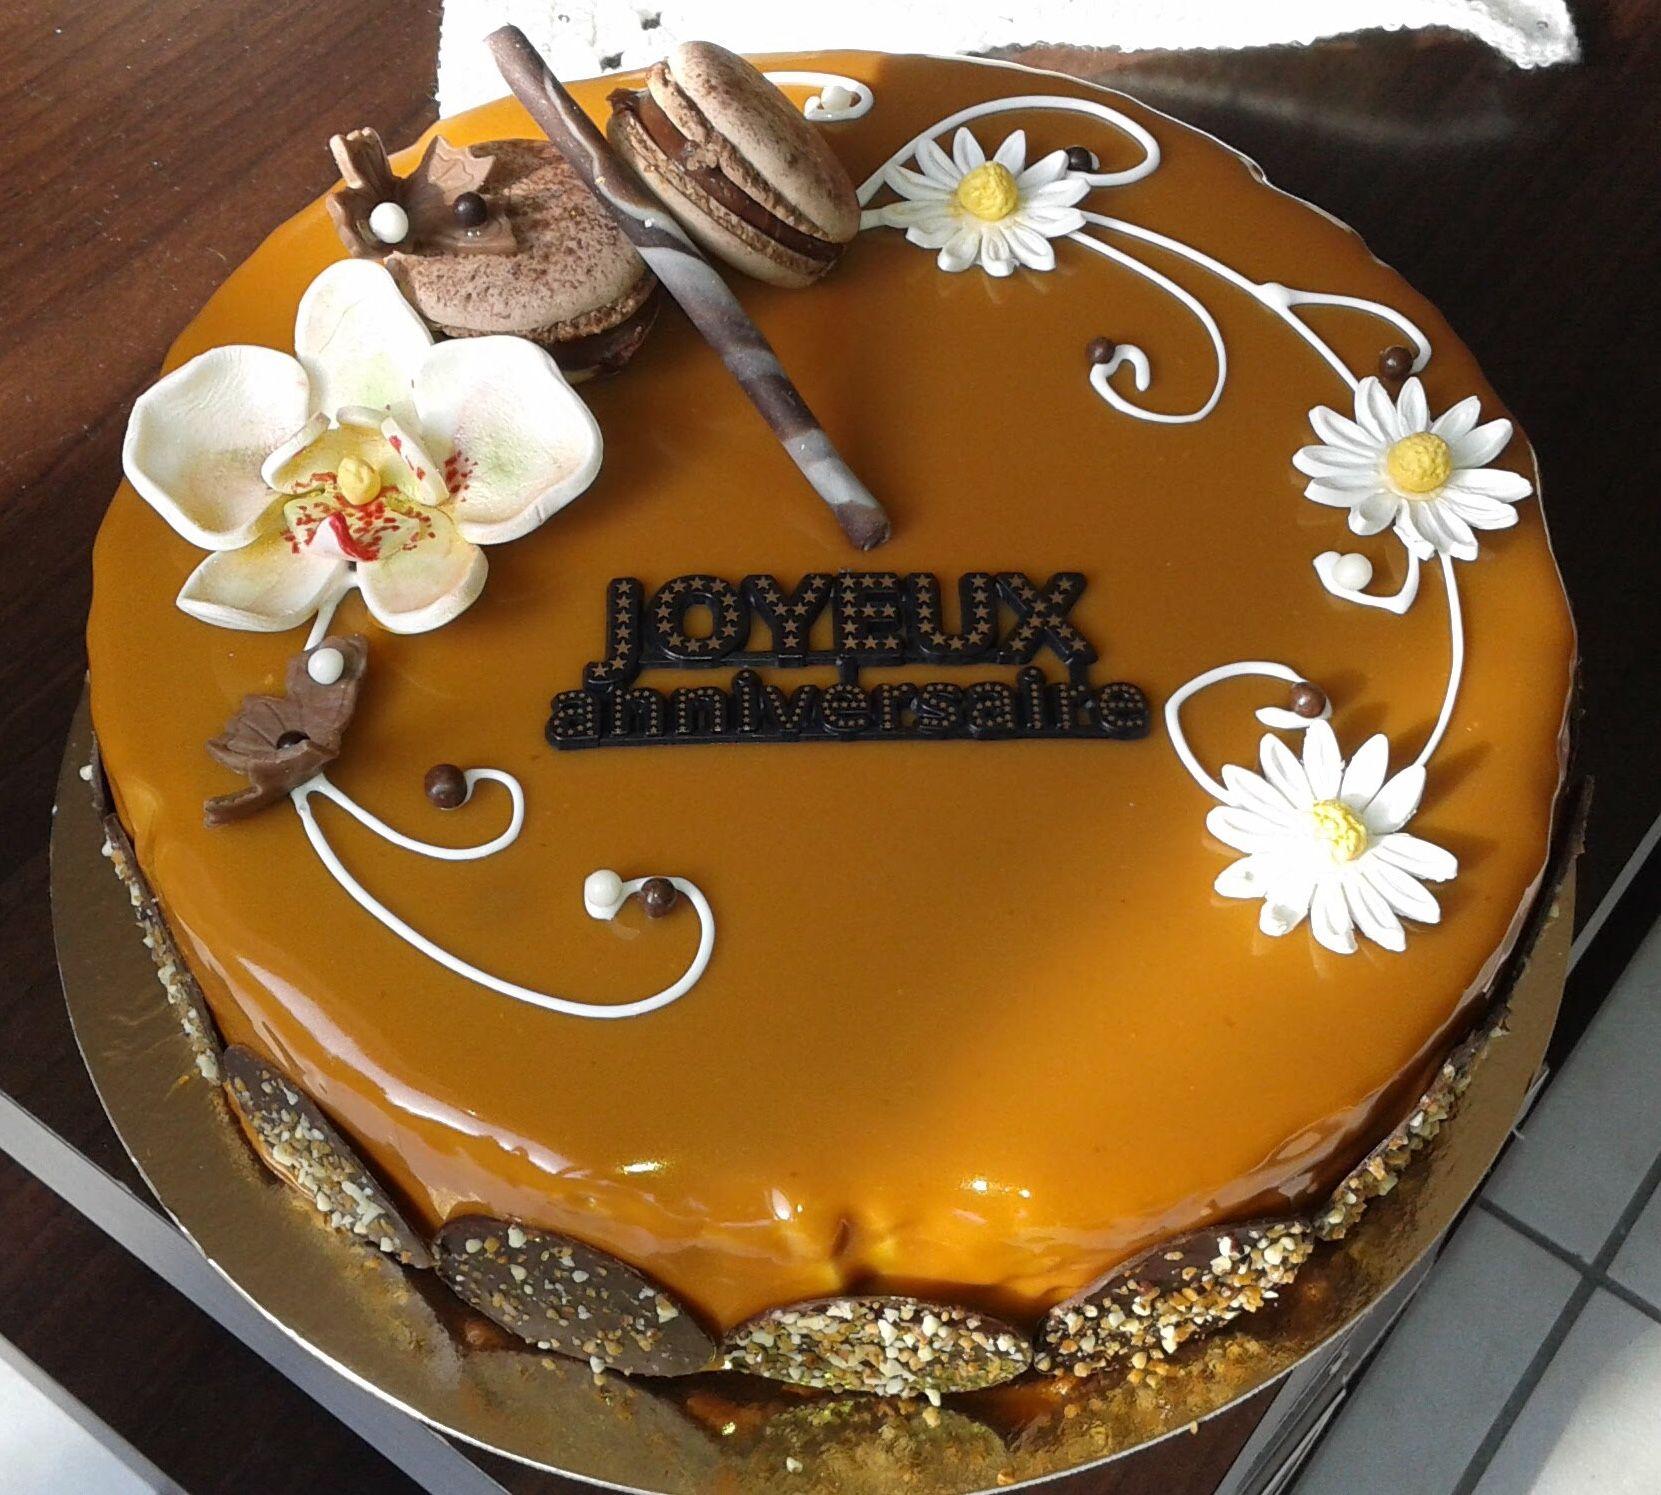 Bon anniversaire kojak67  - Page 2 Dfbeda0ab7025857e54829905588e50e